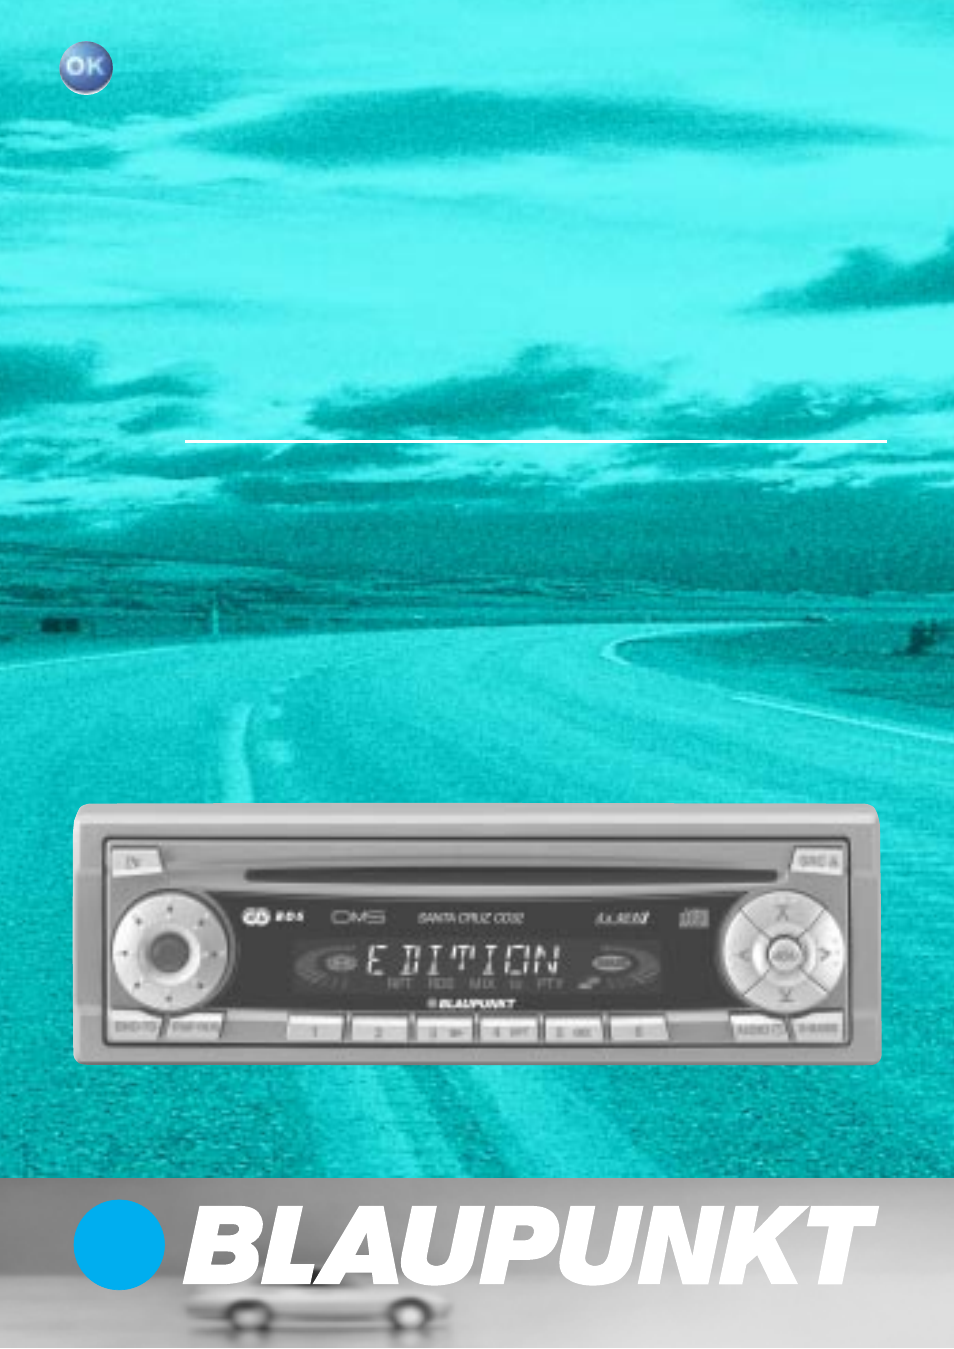 blaupunkt alicante cd32 user manual 25 pages also for kiel cd32 rh manualsdir com blaupunkt radio manual tuning blaupunkt car stereo manual